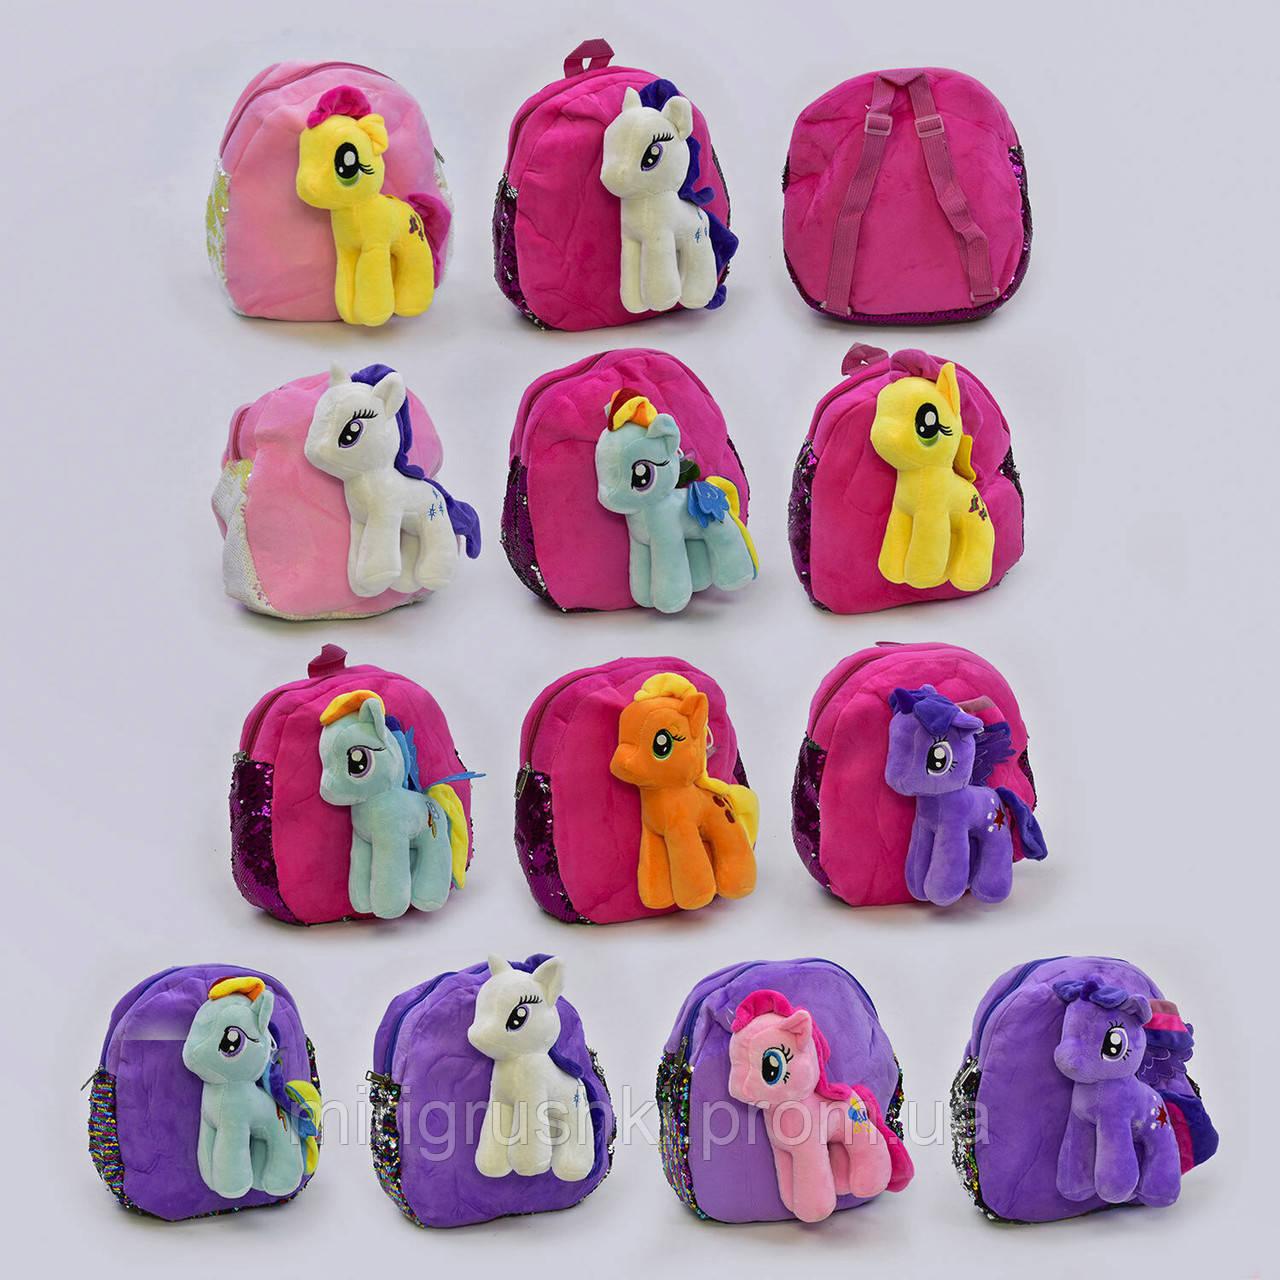 Рюкзак детский С 33971 (74555) ПОНИ